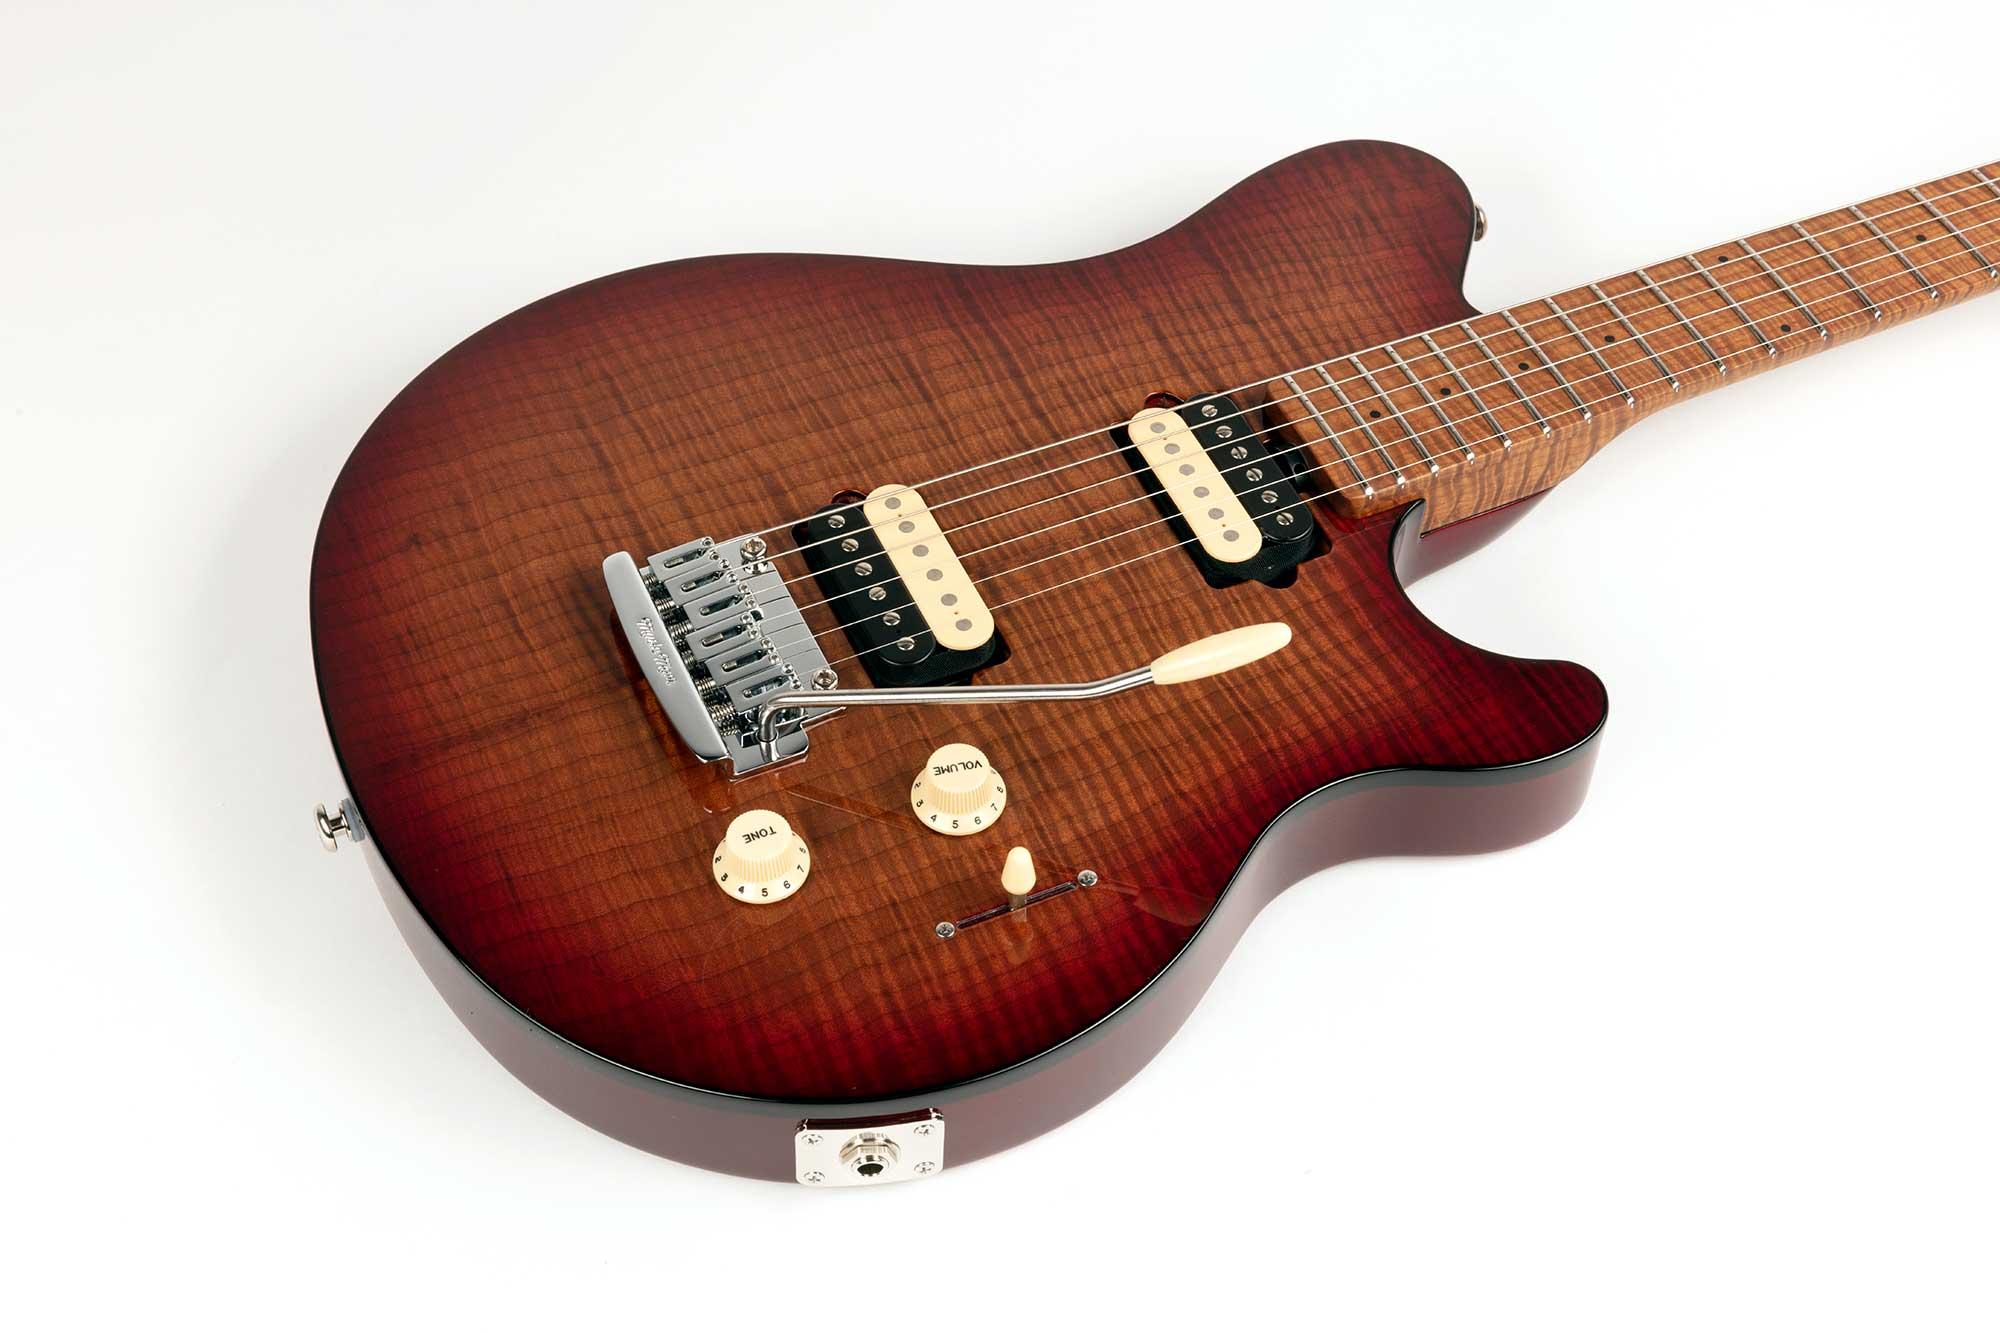 גיטרה חשמלית Music Man Axis Super Sport, Amber Flame